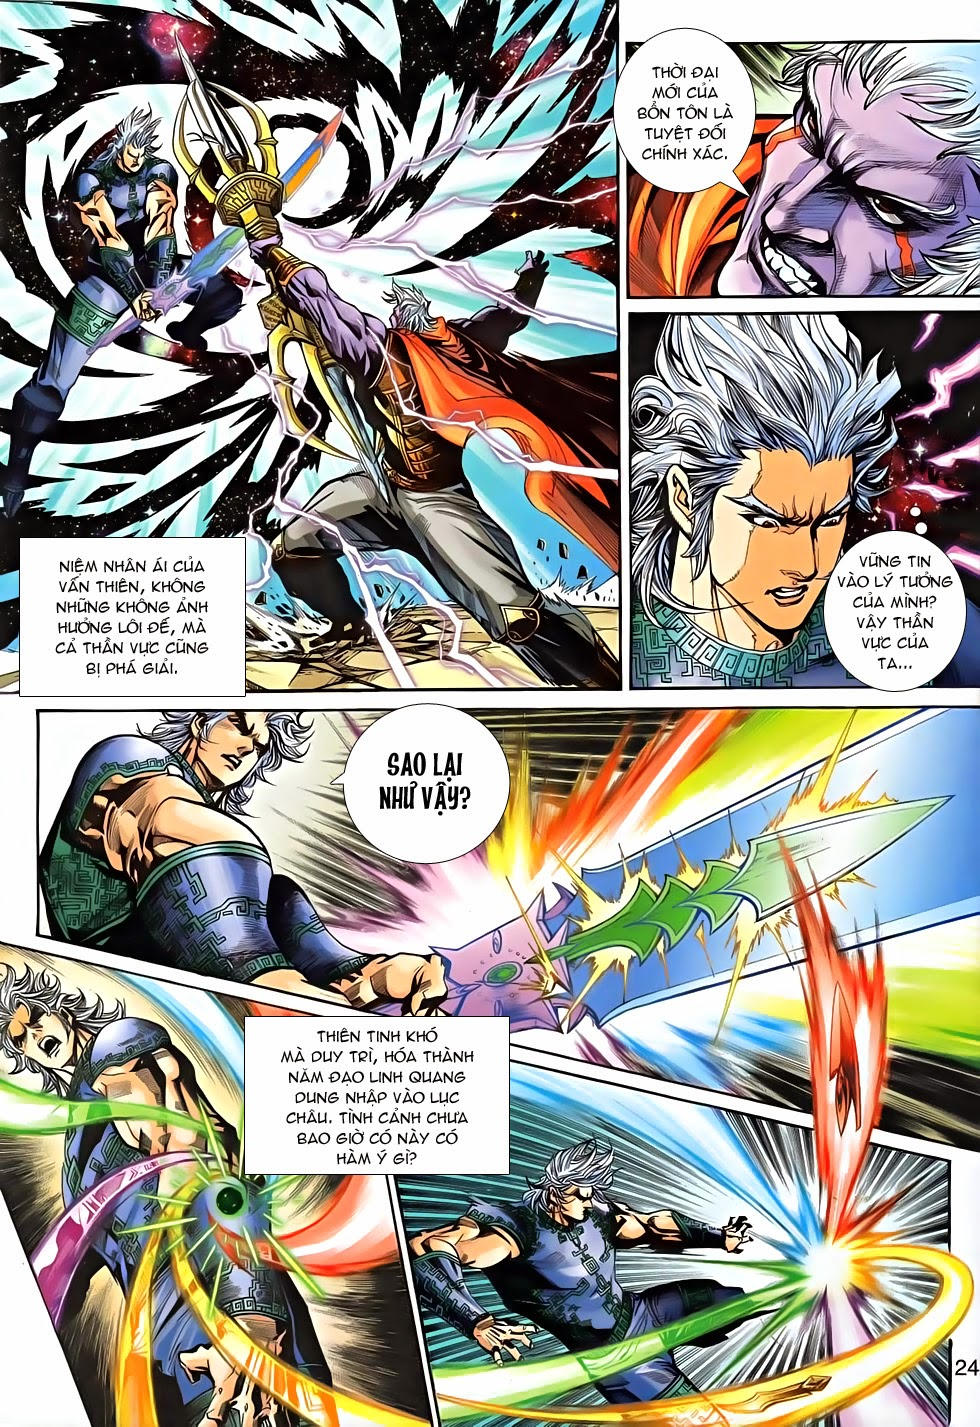 Thần Binh Tiền Truyện 2 chap 21 Trang 23 - Mangak.info